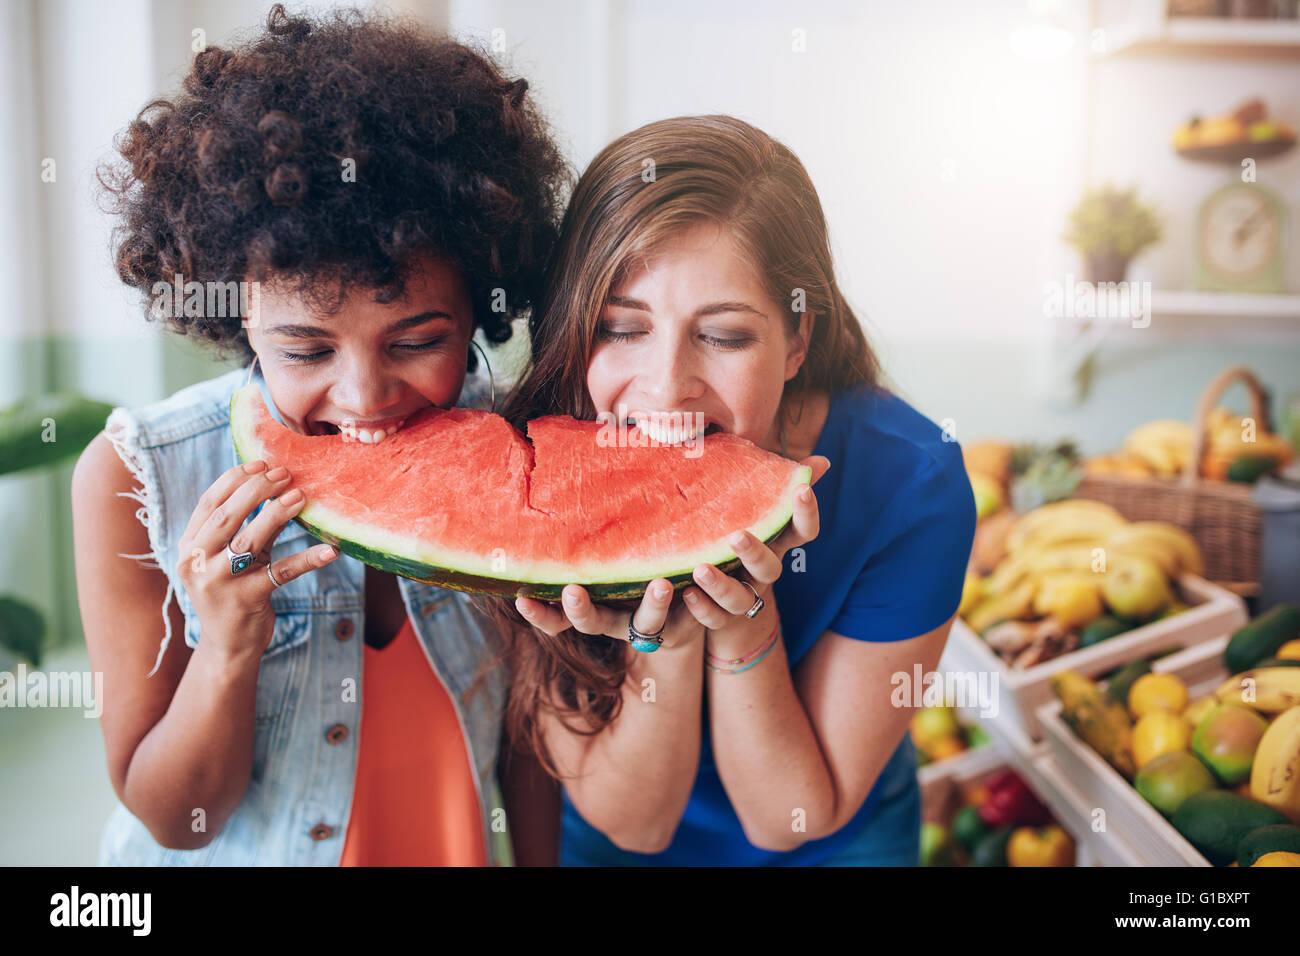 Due giovani donna mangiare anguria e divertirsi. Razza mista amiche insieme a mangiare una fetta di anguria. Immagini Stock